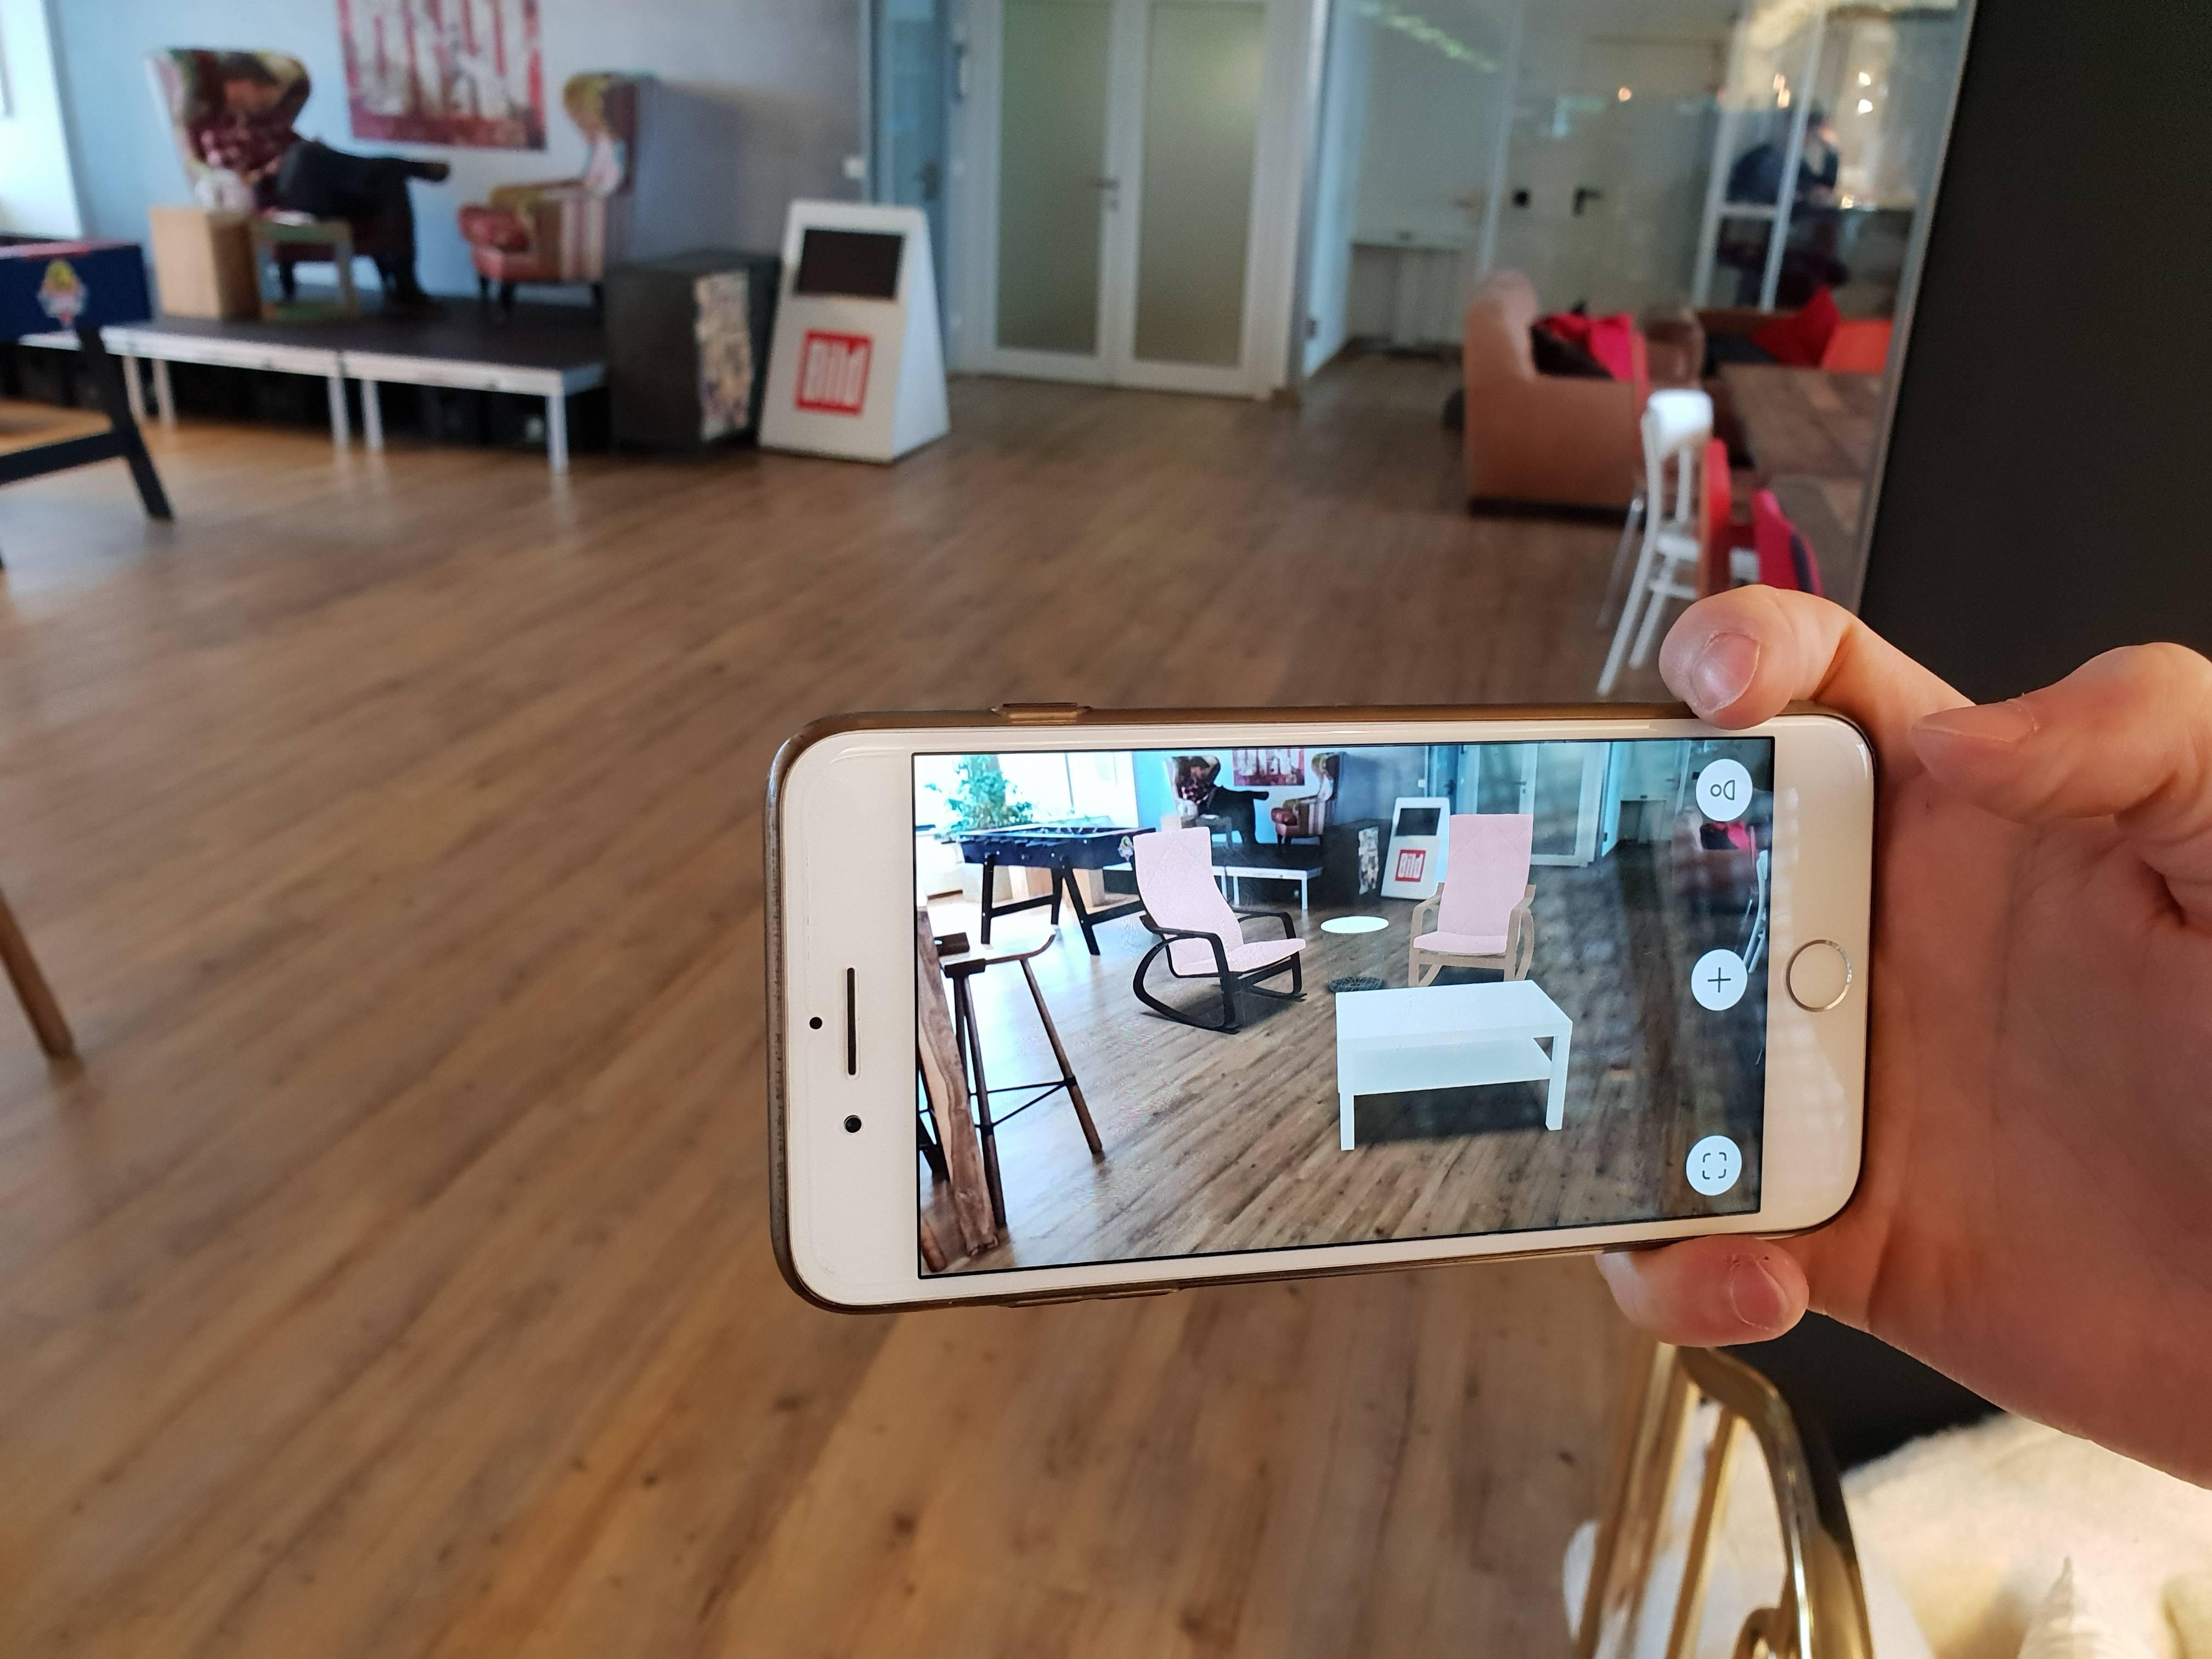 IKEA Place im Test: Nur wenige Geräte unterstützen die App   TECHBOOK